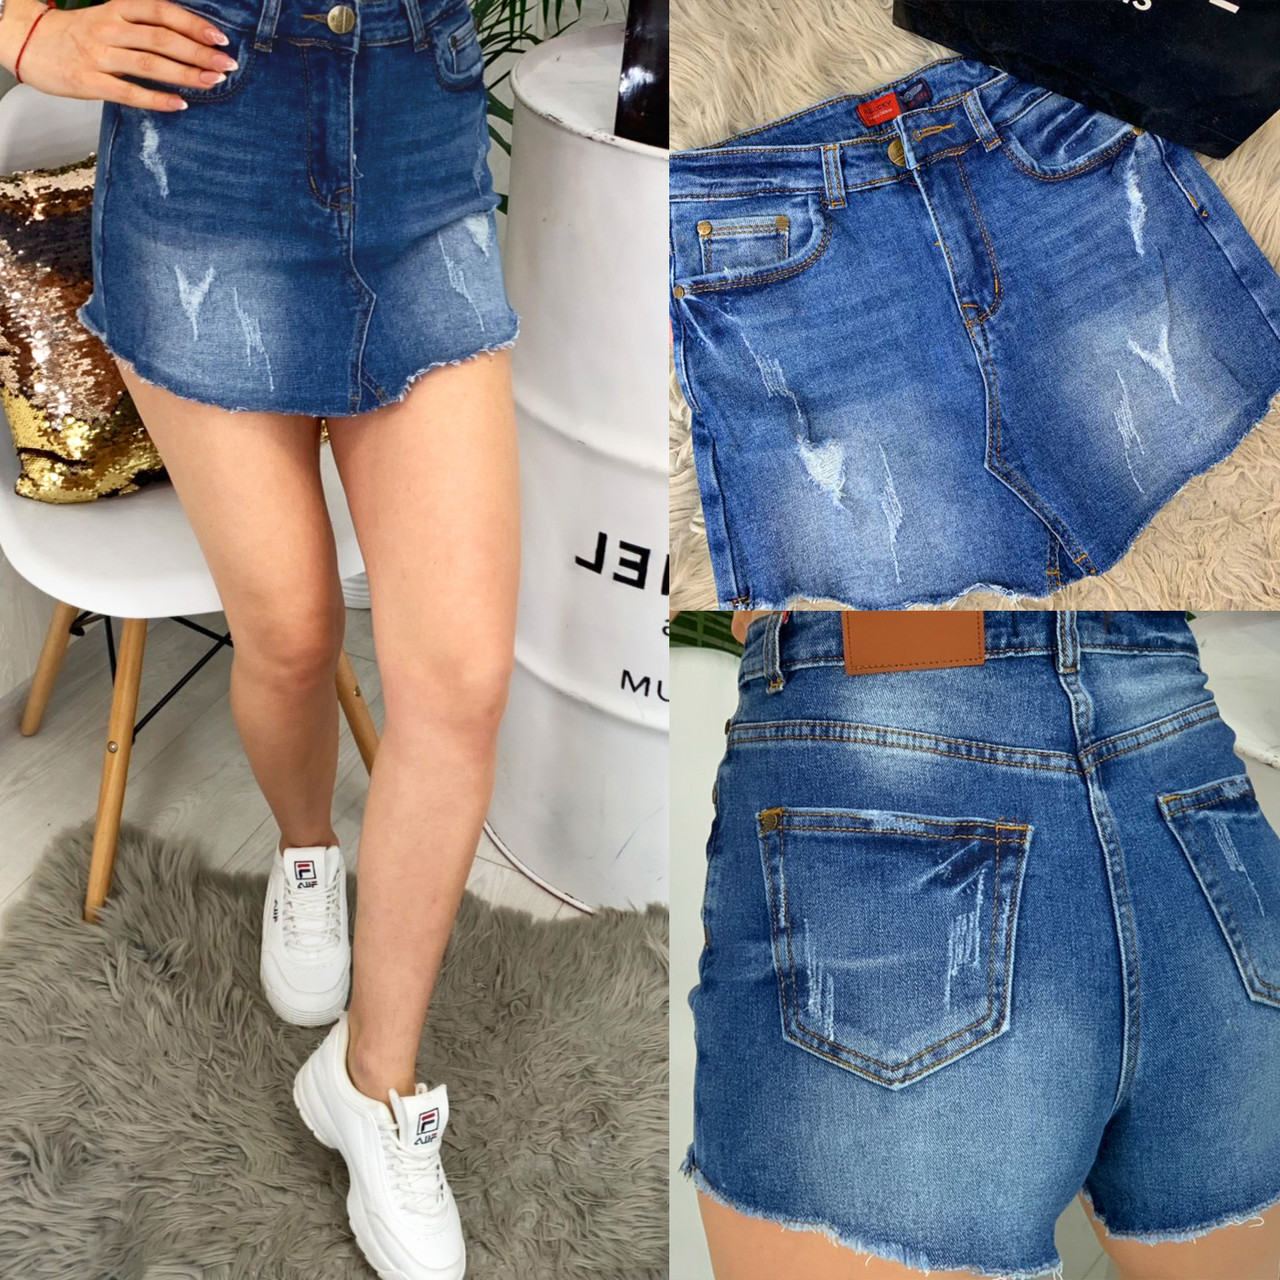 Шорты - юбка джинсовые с царапками ( A 0102-9 Relucky )